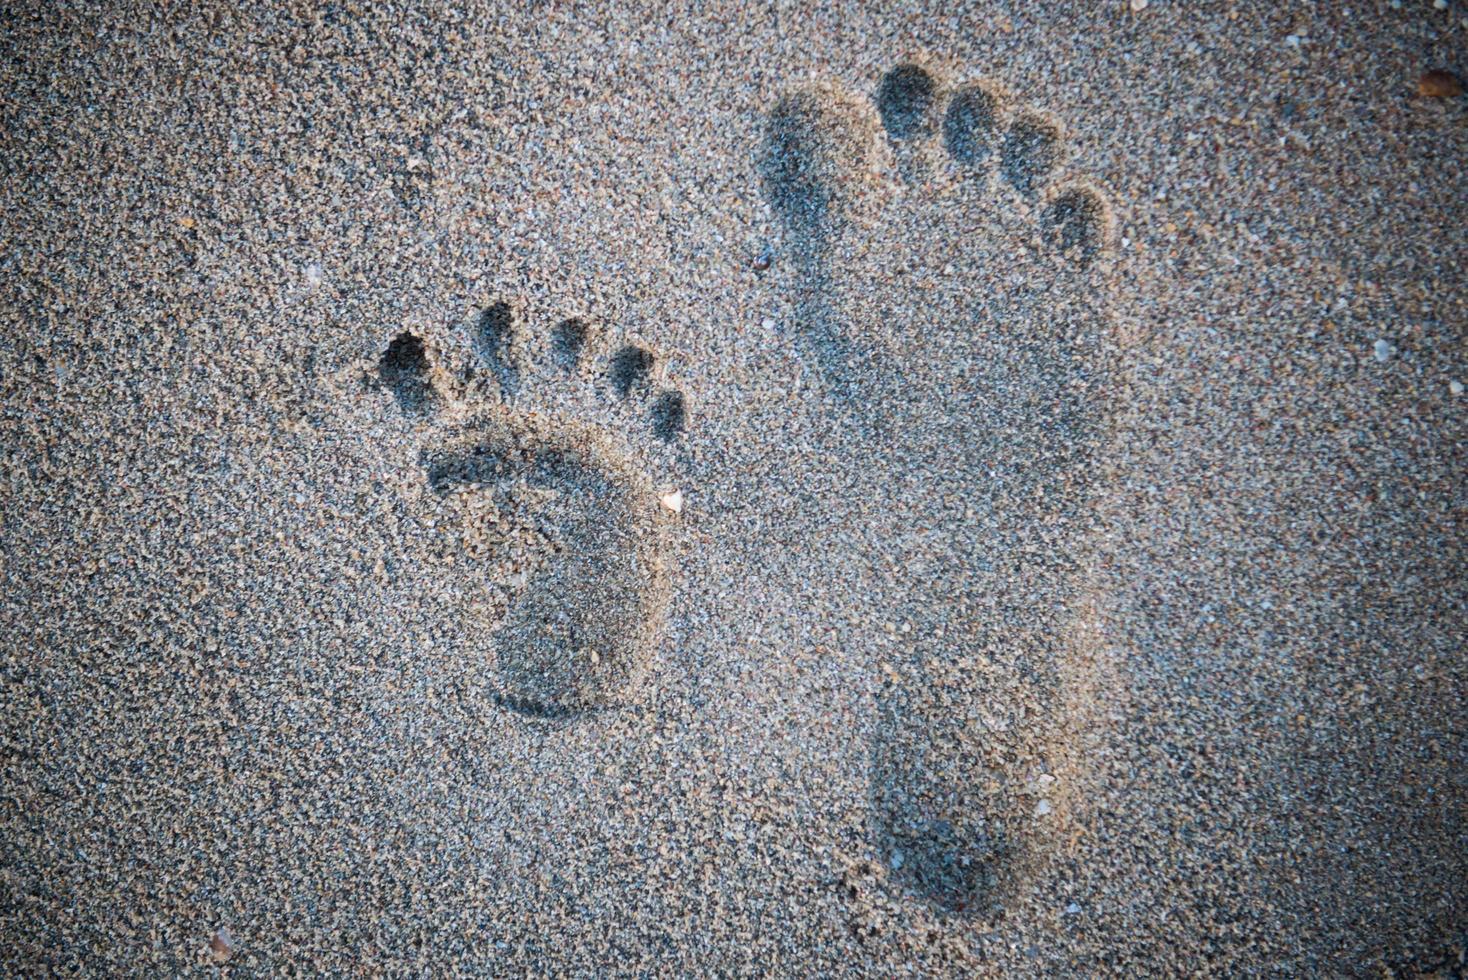 Nahaufnahme Foto des rechten menschlichen Fußabdrucks neben dem Fußabdruck des Kindes am tropischen Sandstrand